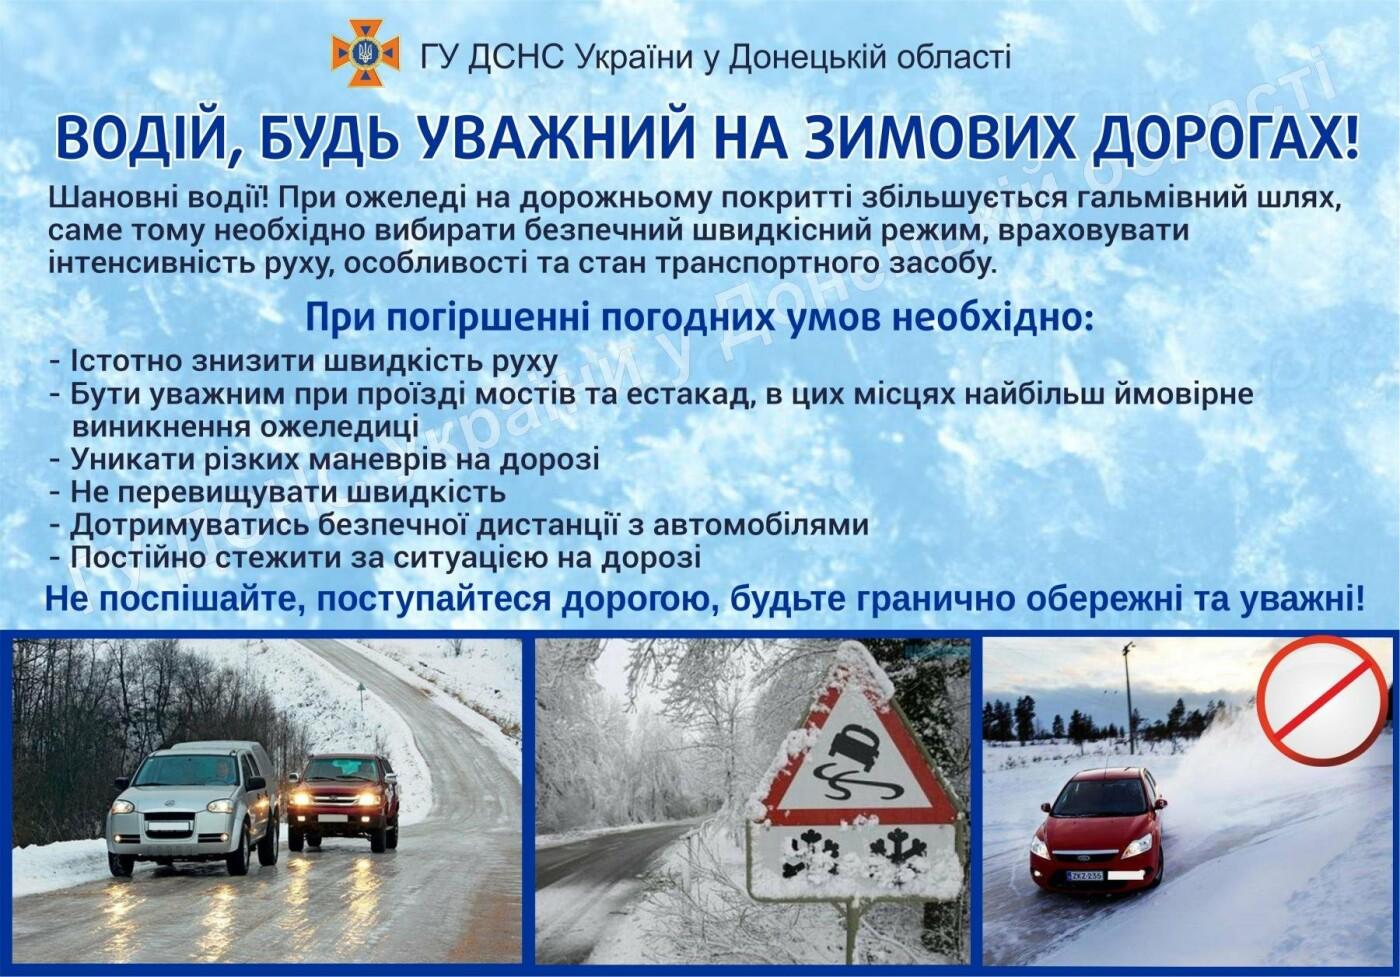 Мешканців Донеччини попереджають про ожеледицю, фото-1